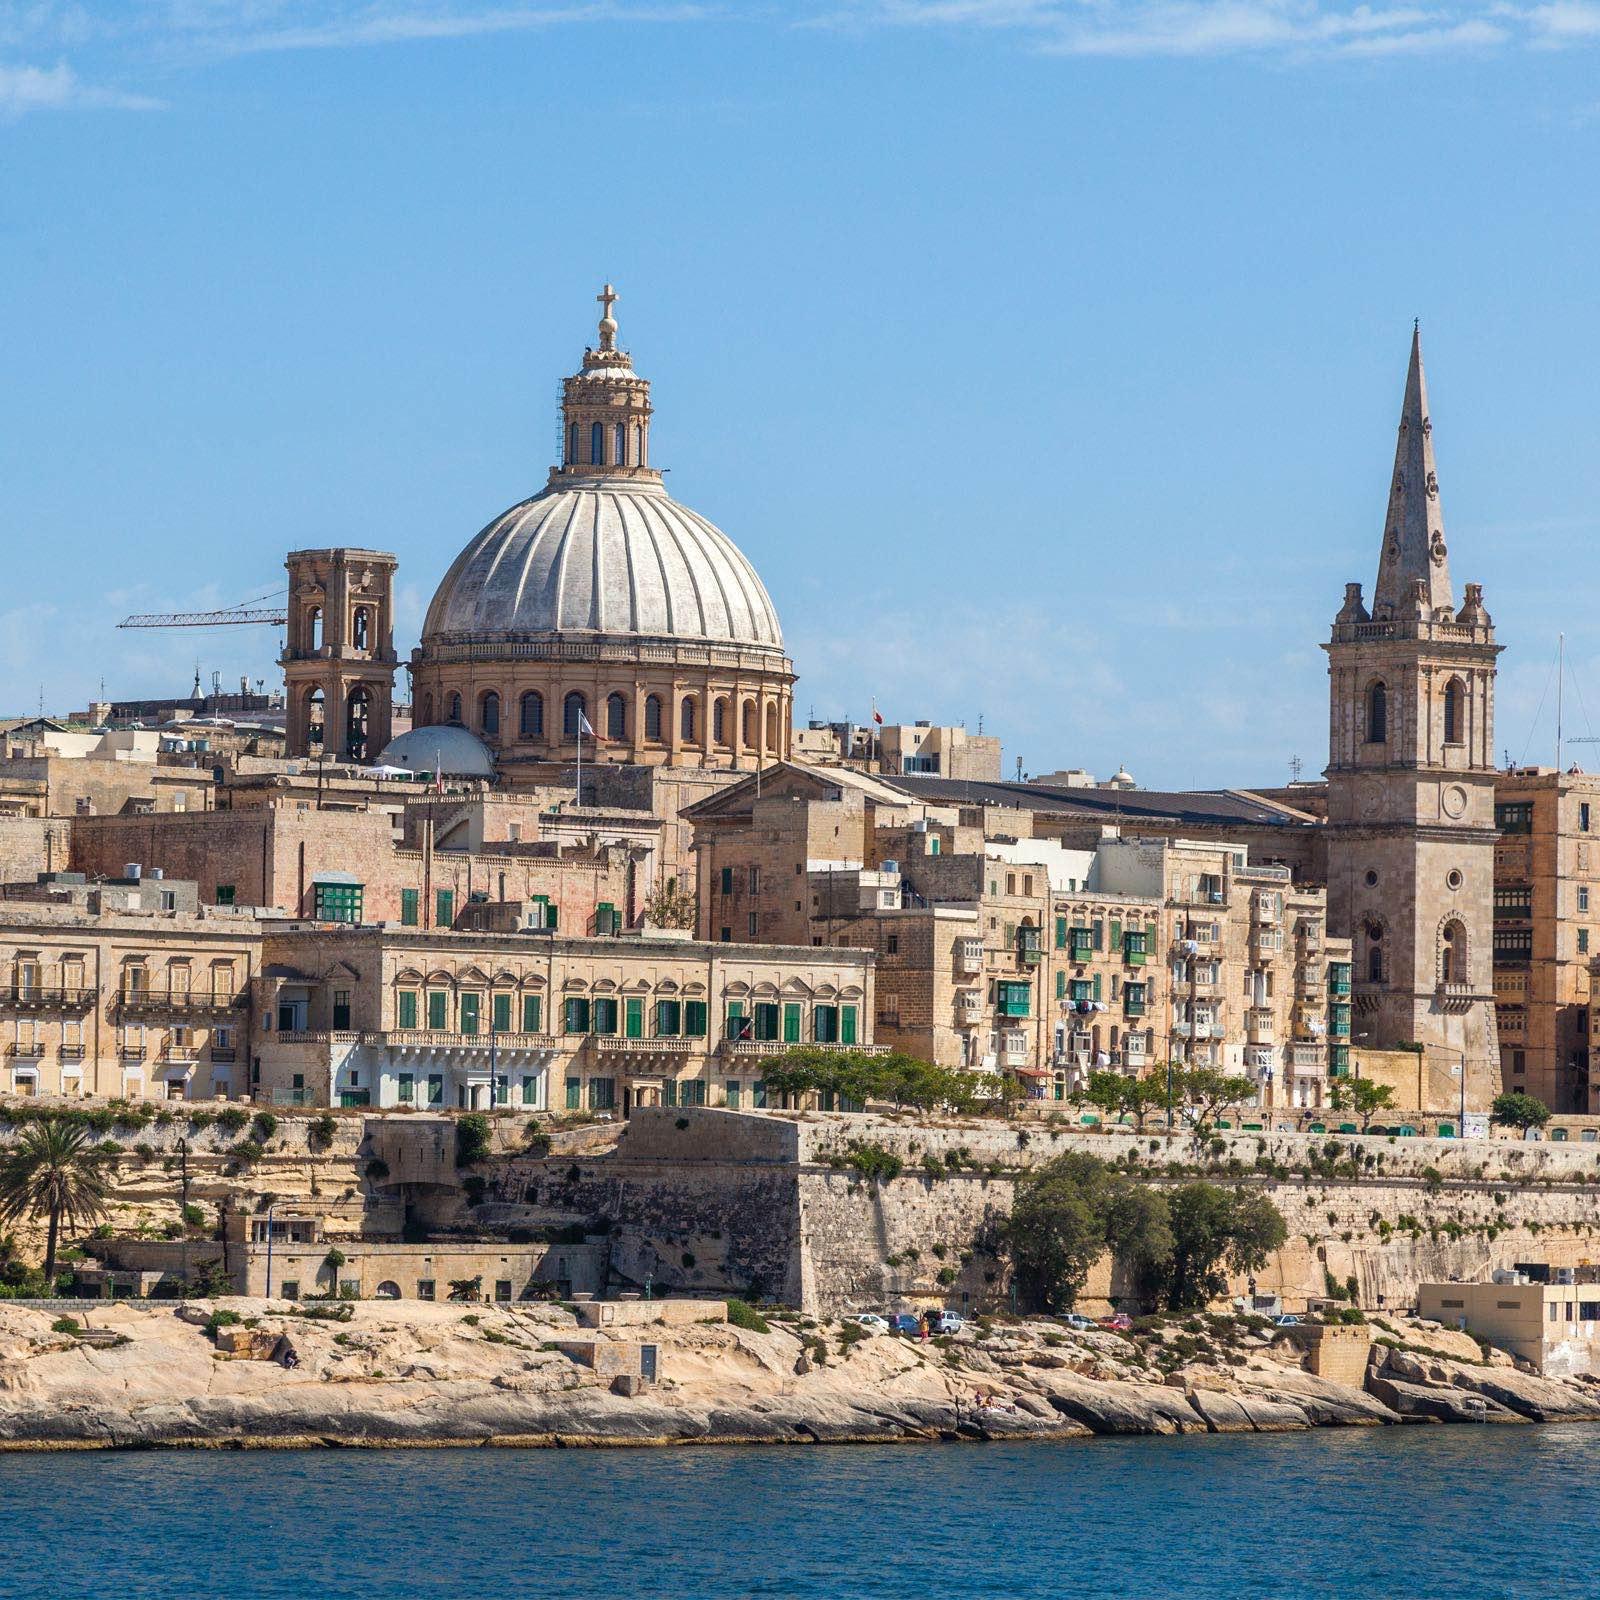 Μάλτα-εκδρομή-diontours.com